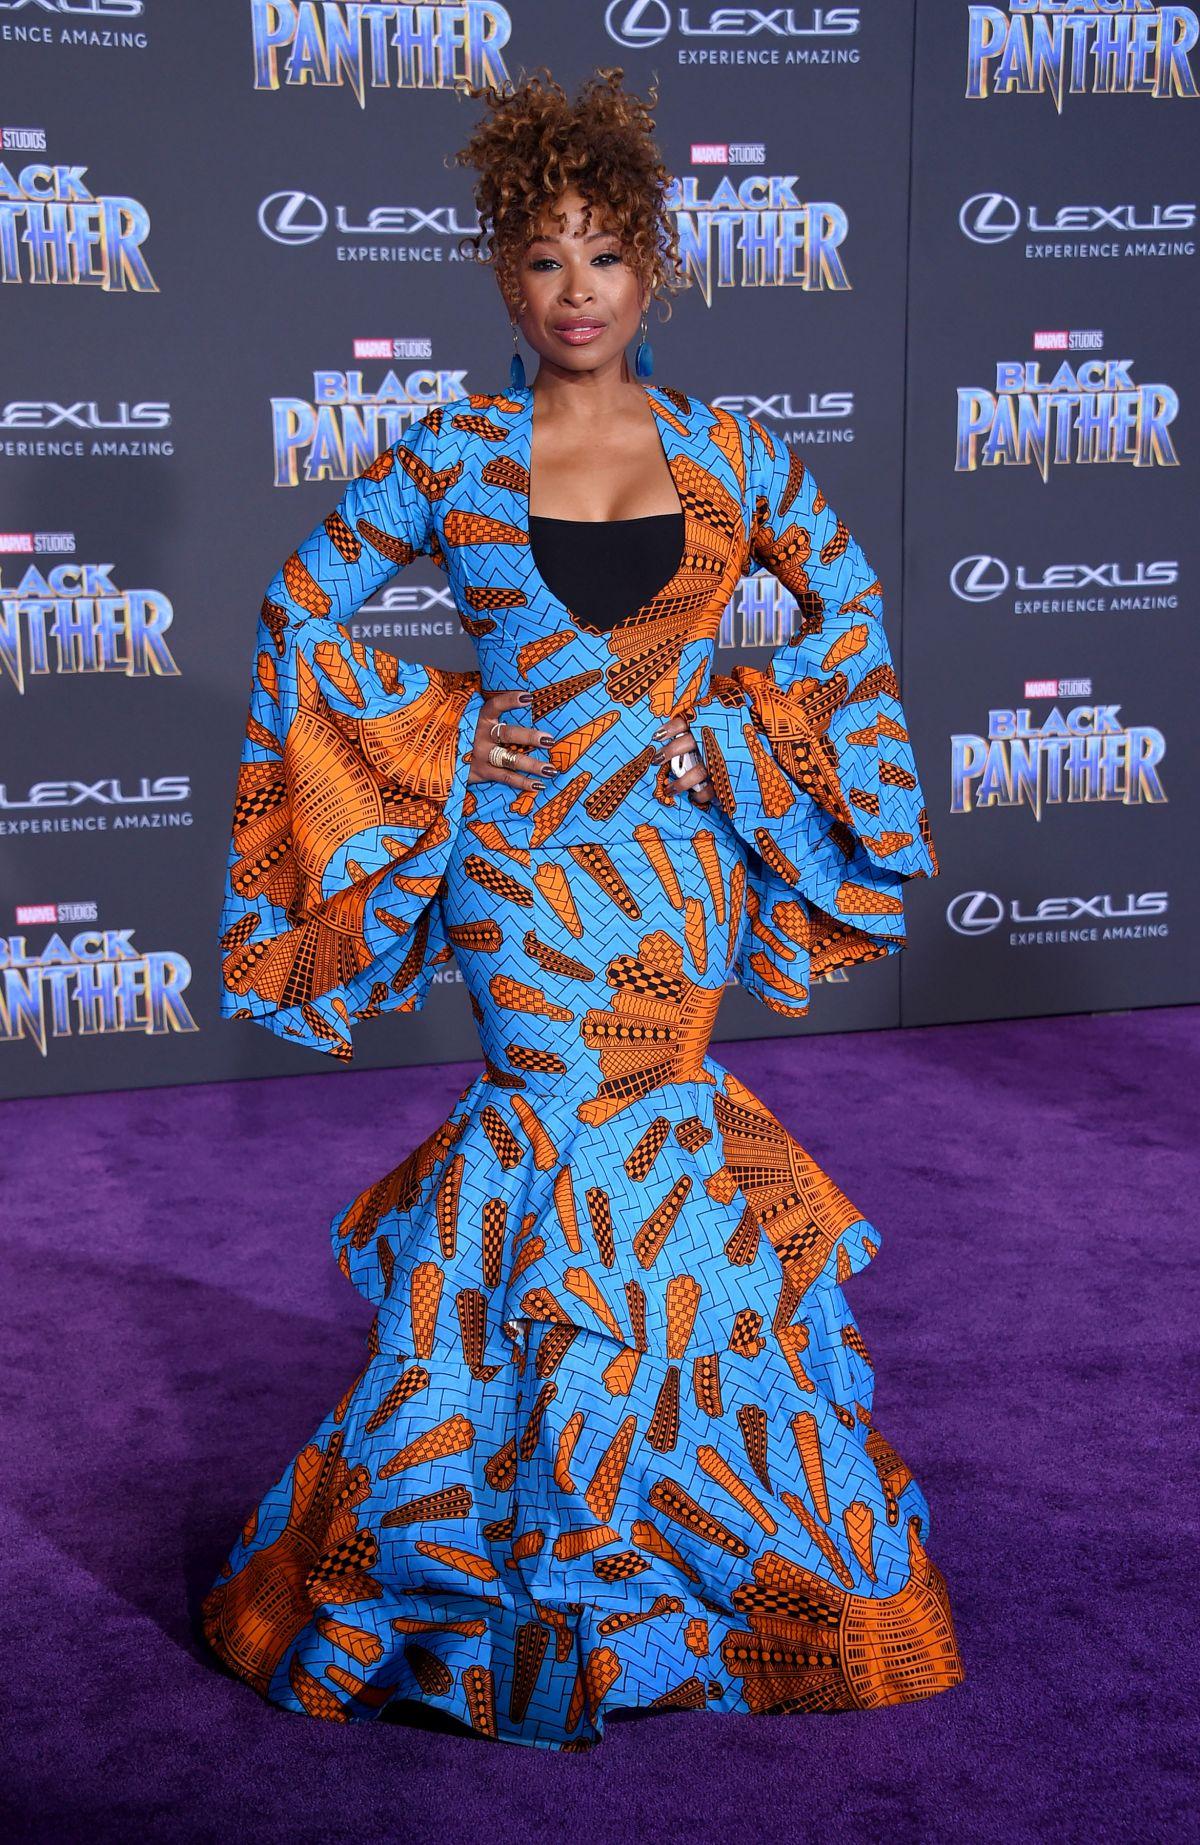 Résultat d'image pour Black Panther Premiere Fashion